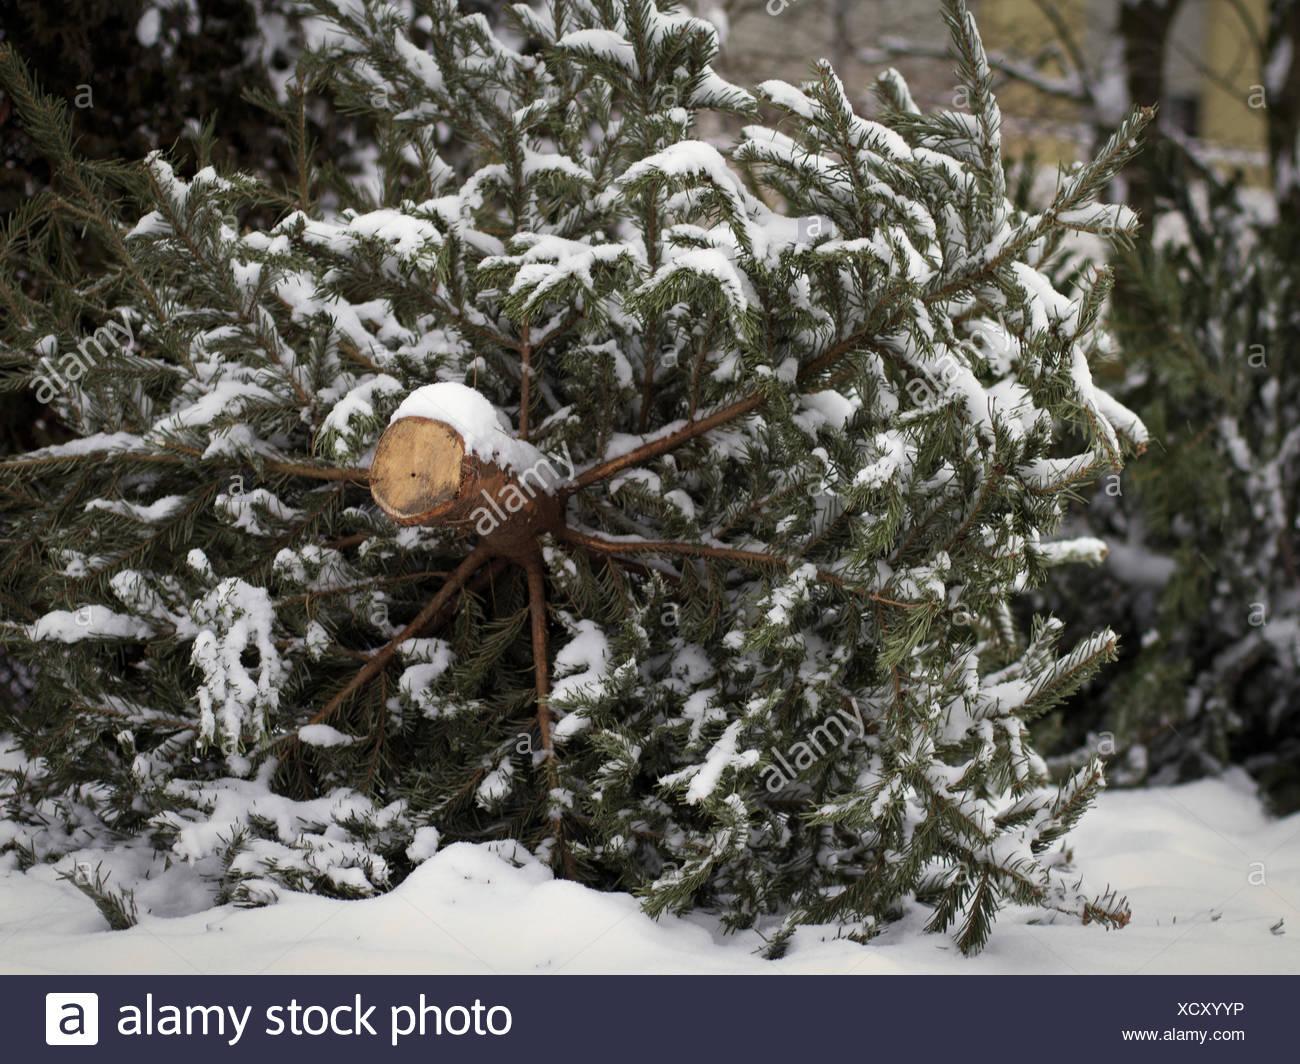 Christmas End Stock Photo